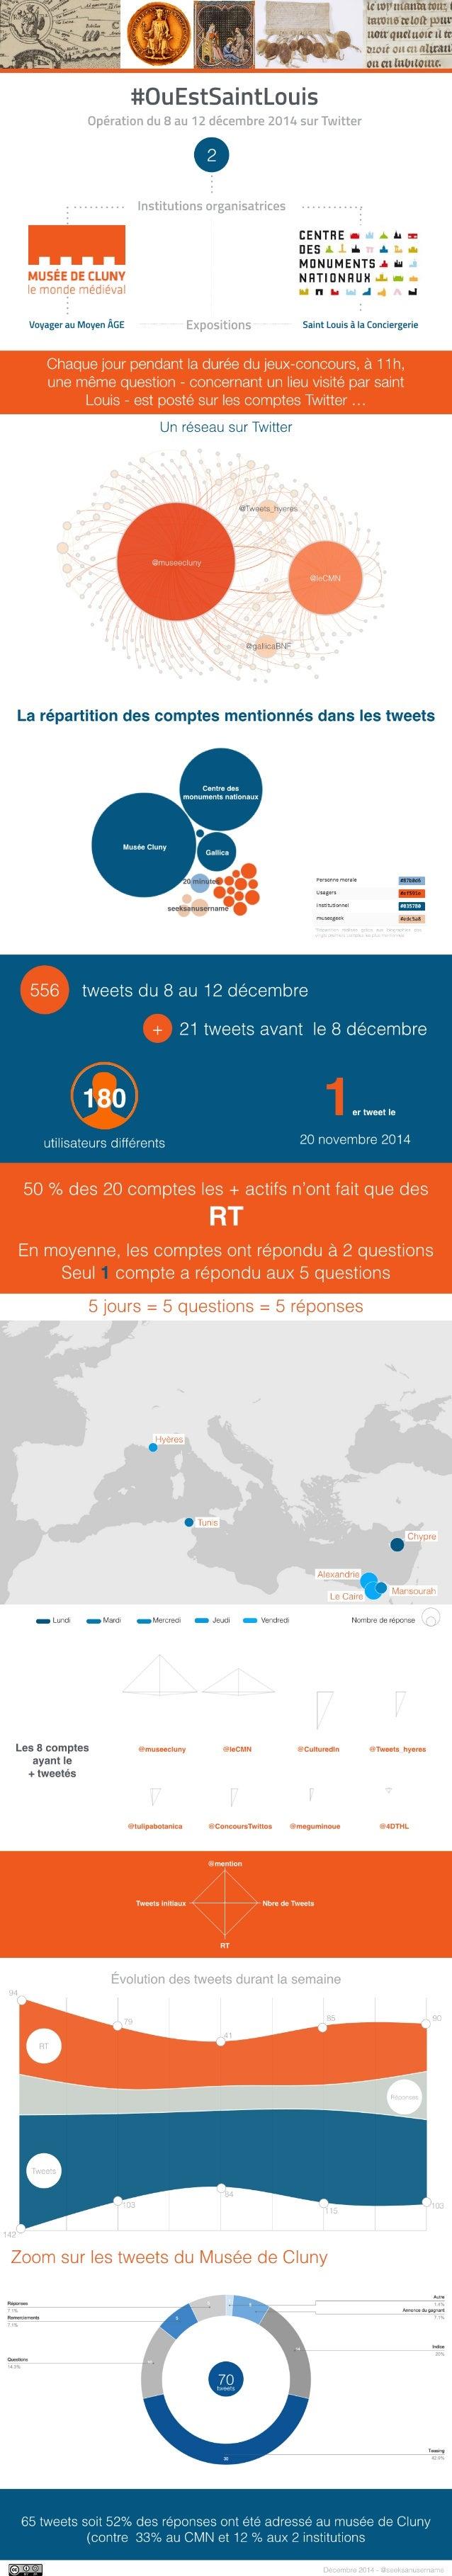 #OuEstSaintLouis: opération Twitter organisée par le musée de Cluny et le Centre des monuments nationaux